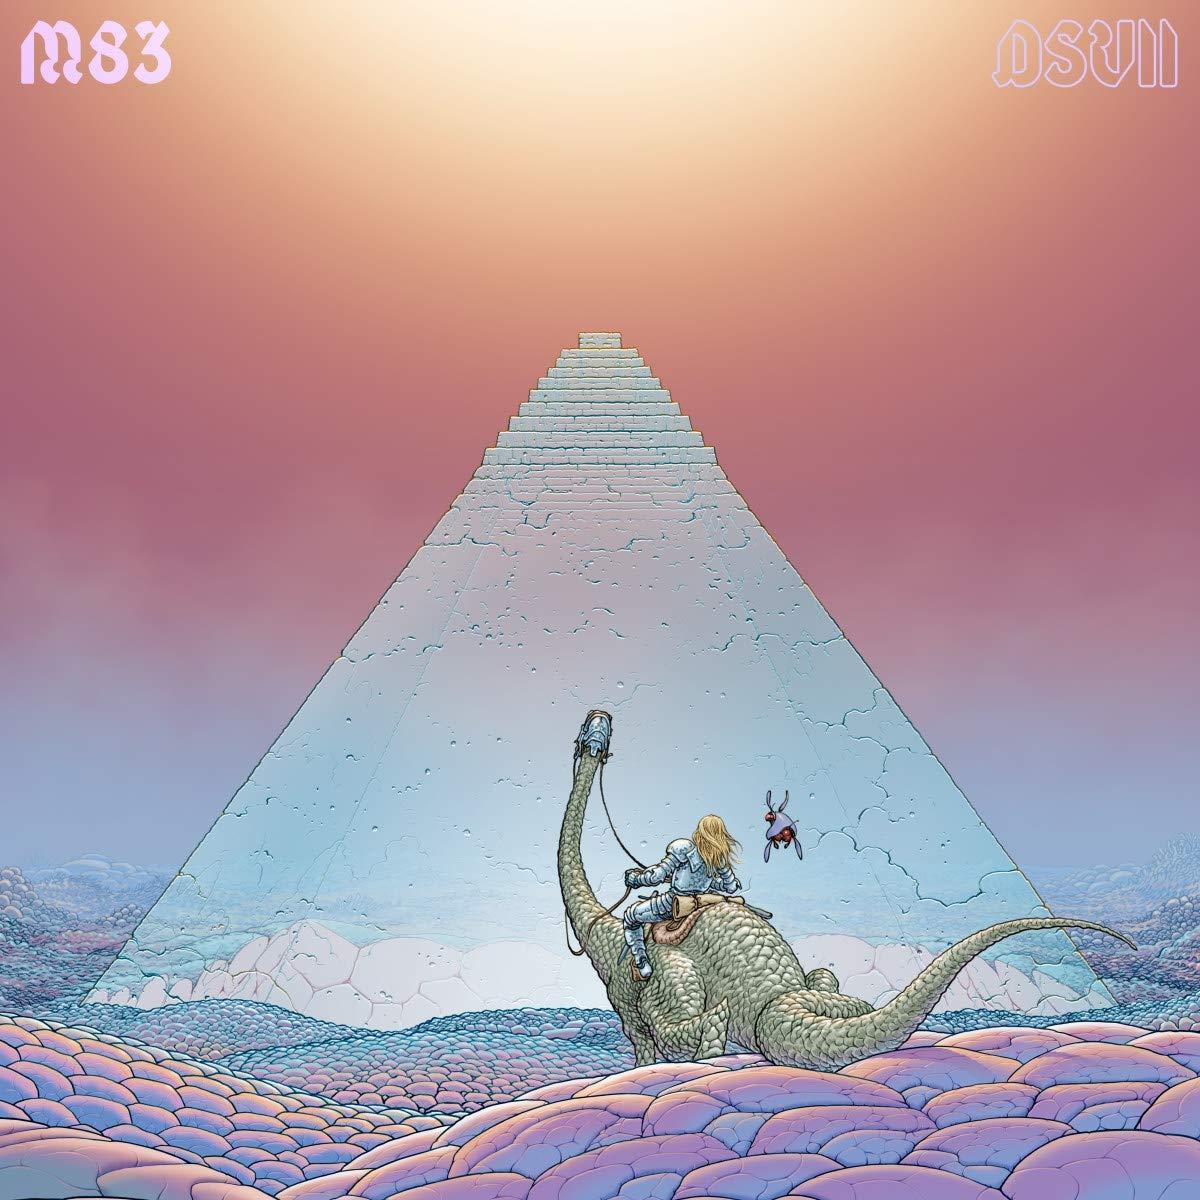 Copertina Vinile 33 giri DSVII [2 LP] di M83